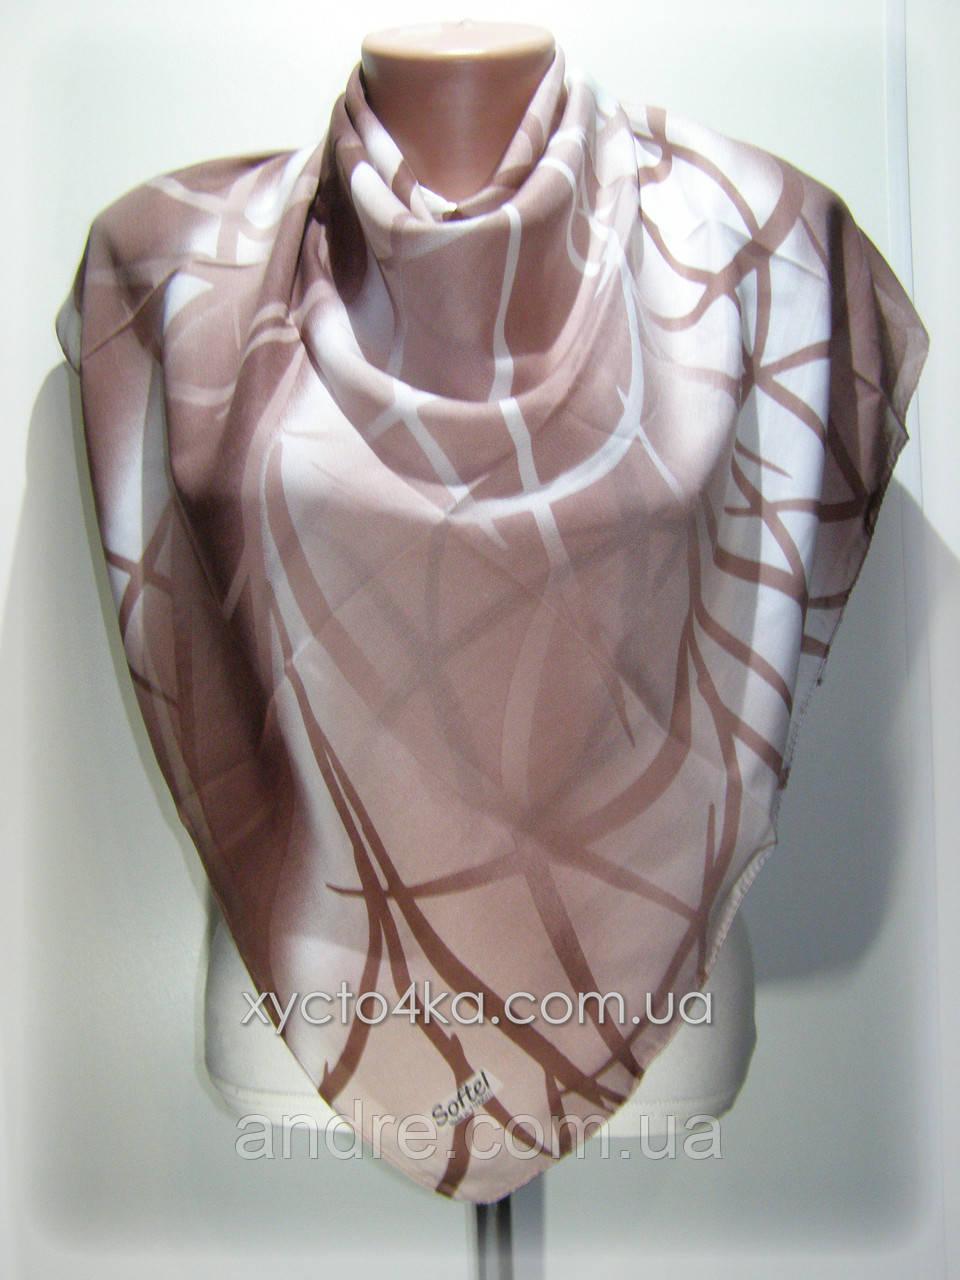 Лёгкий платок на натуральной основе, капучино